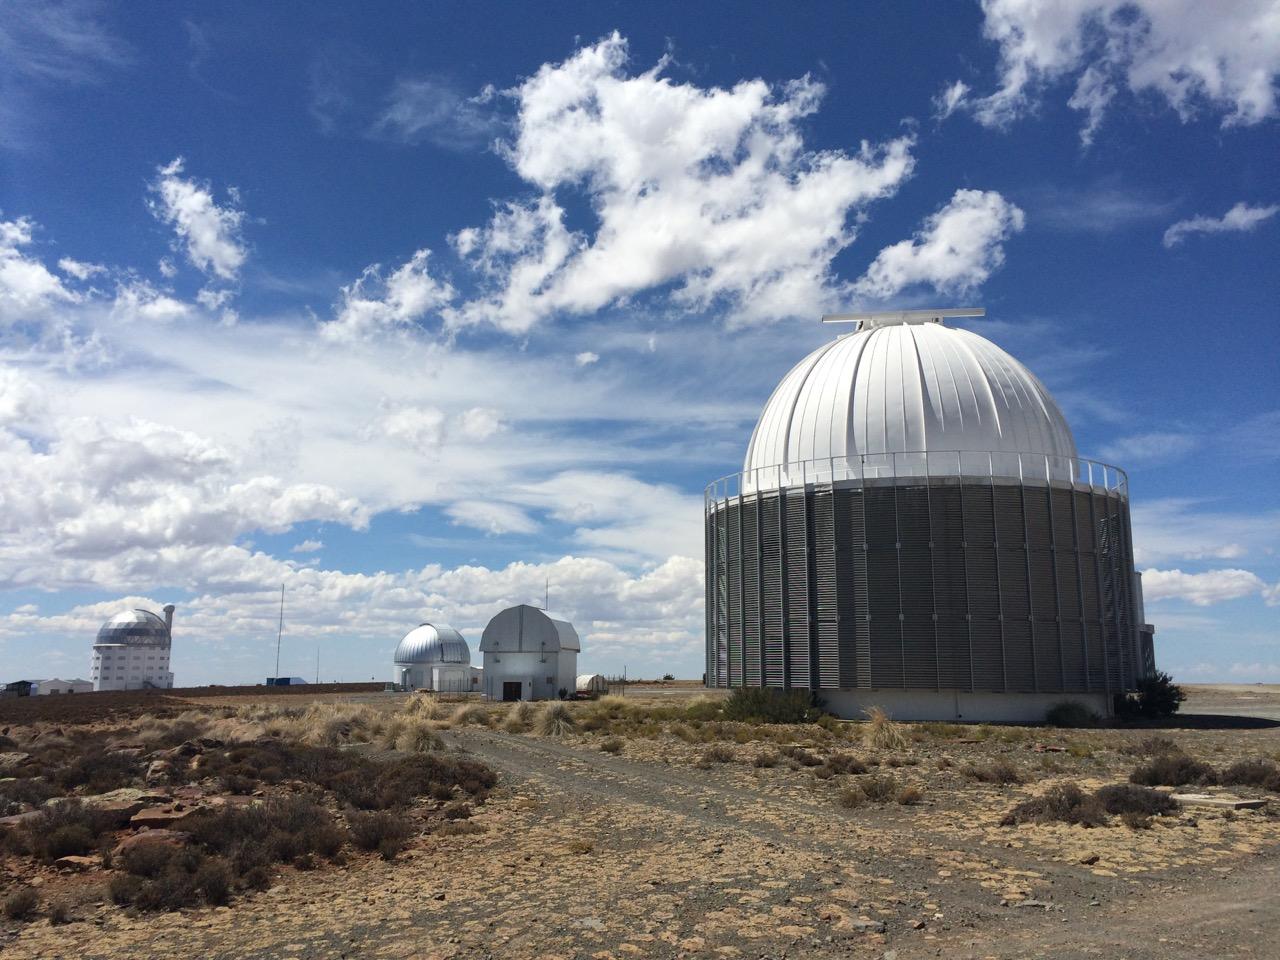 Observatorioaluetta